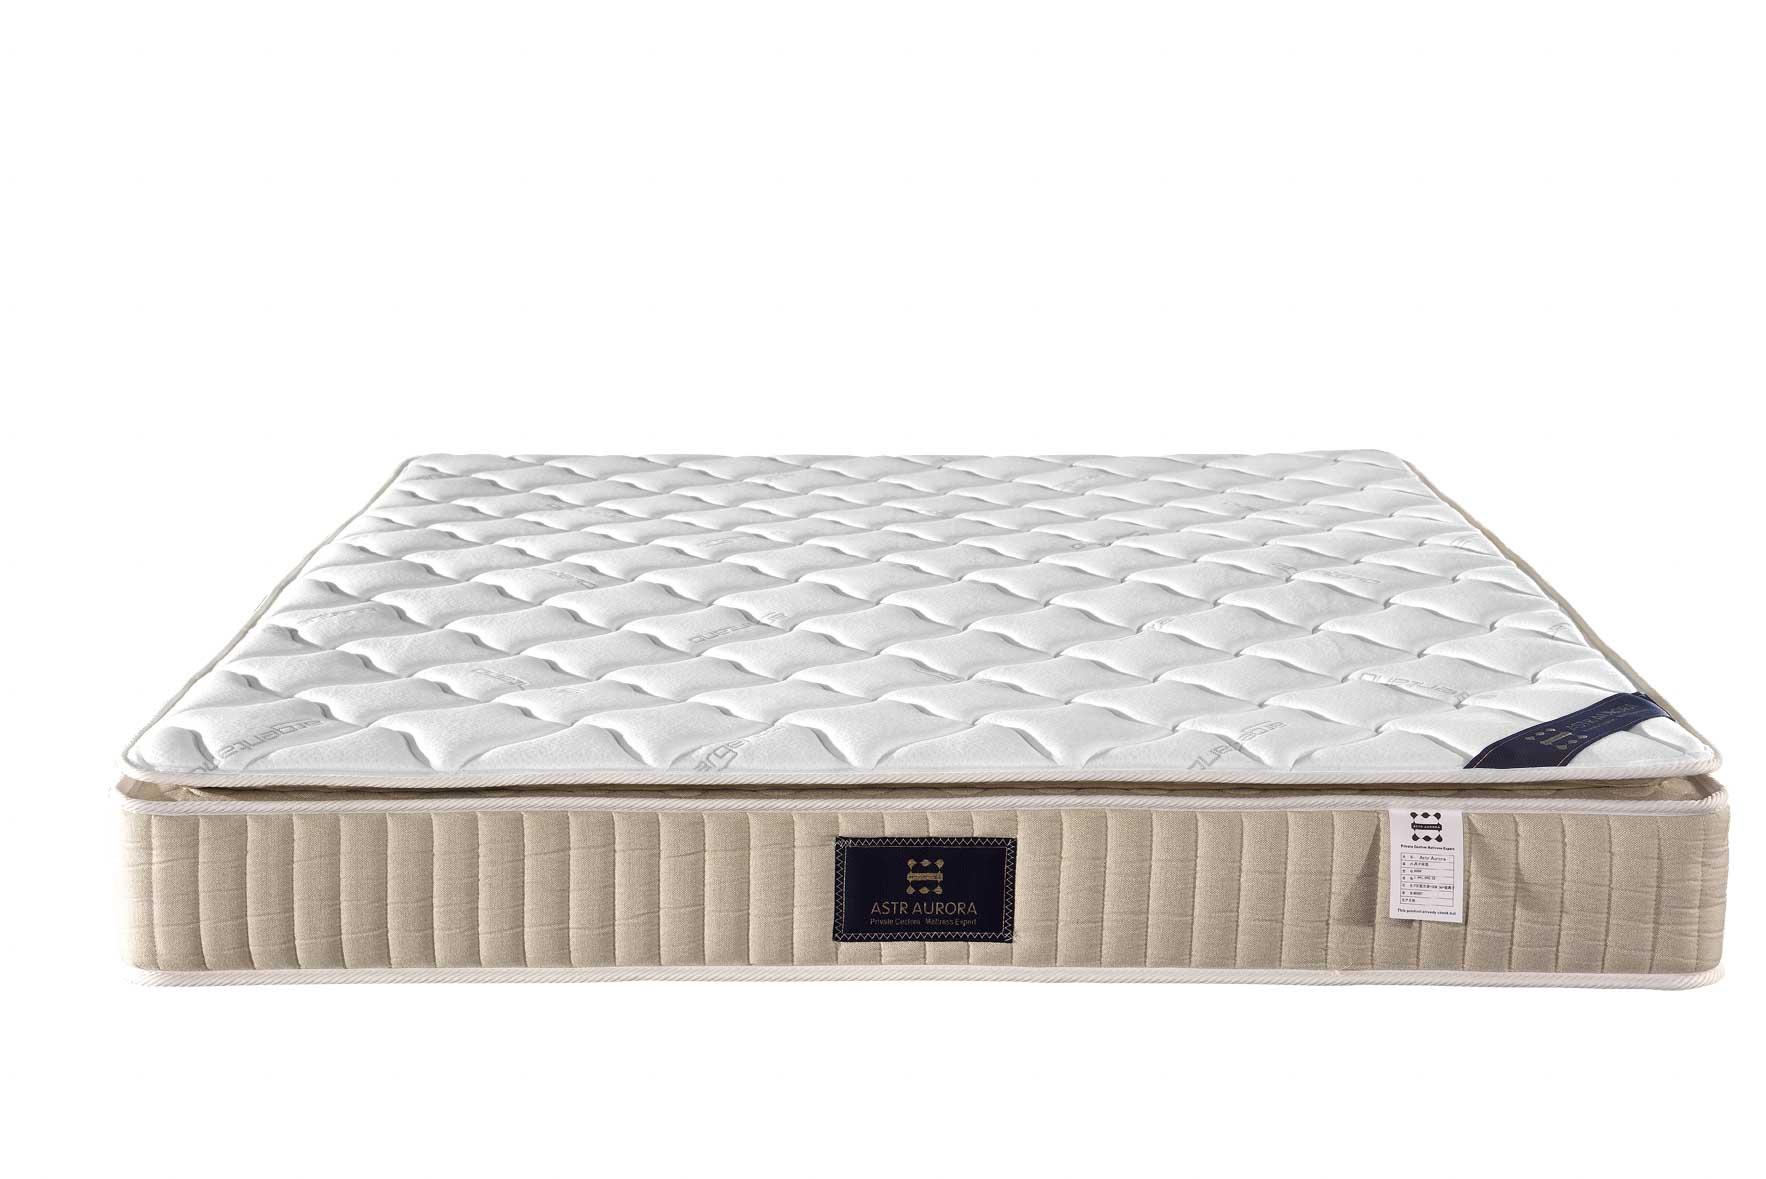 三亚品牌独立袋弹簧床垫 值得信赖 苏州星夜家居科技供应